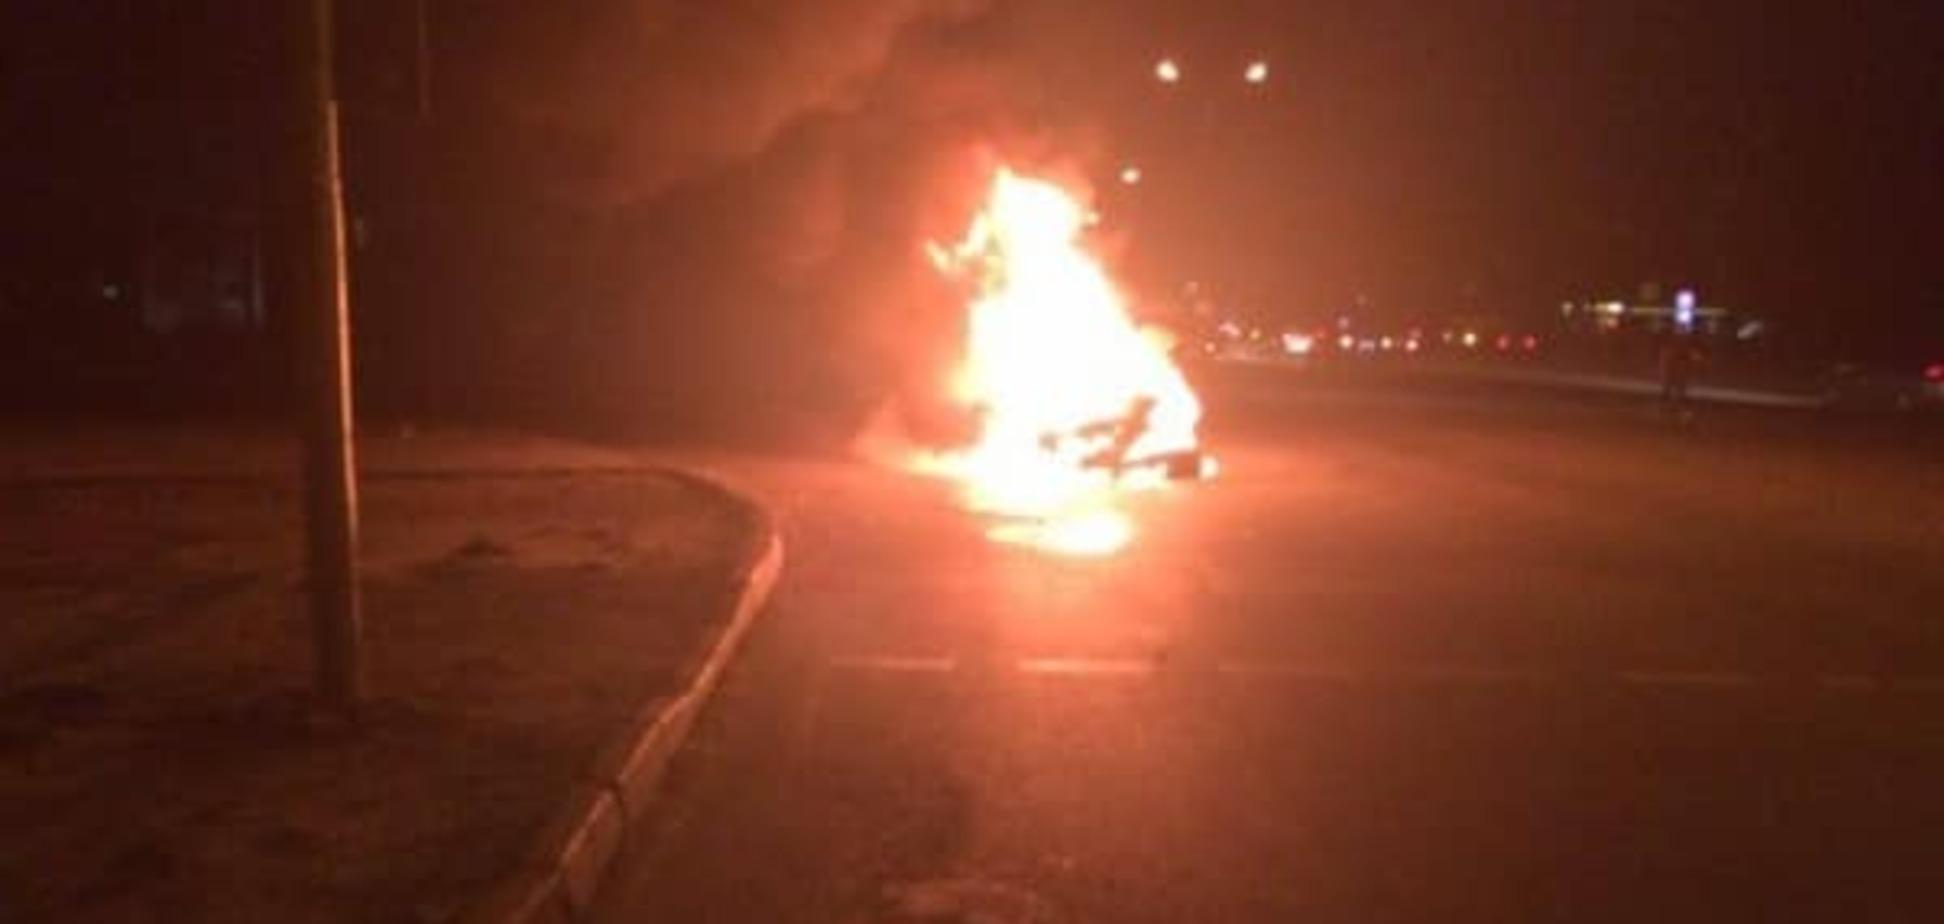 Огненное ДТП во Львове: после столкновения с маршруткой Opel сгорел дотла. Опубликованы фото